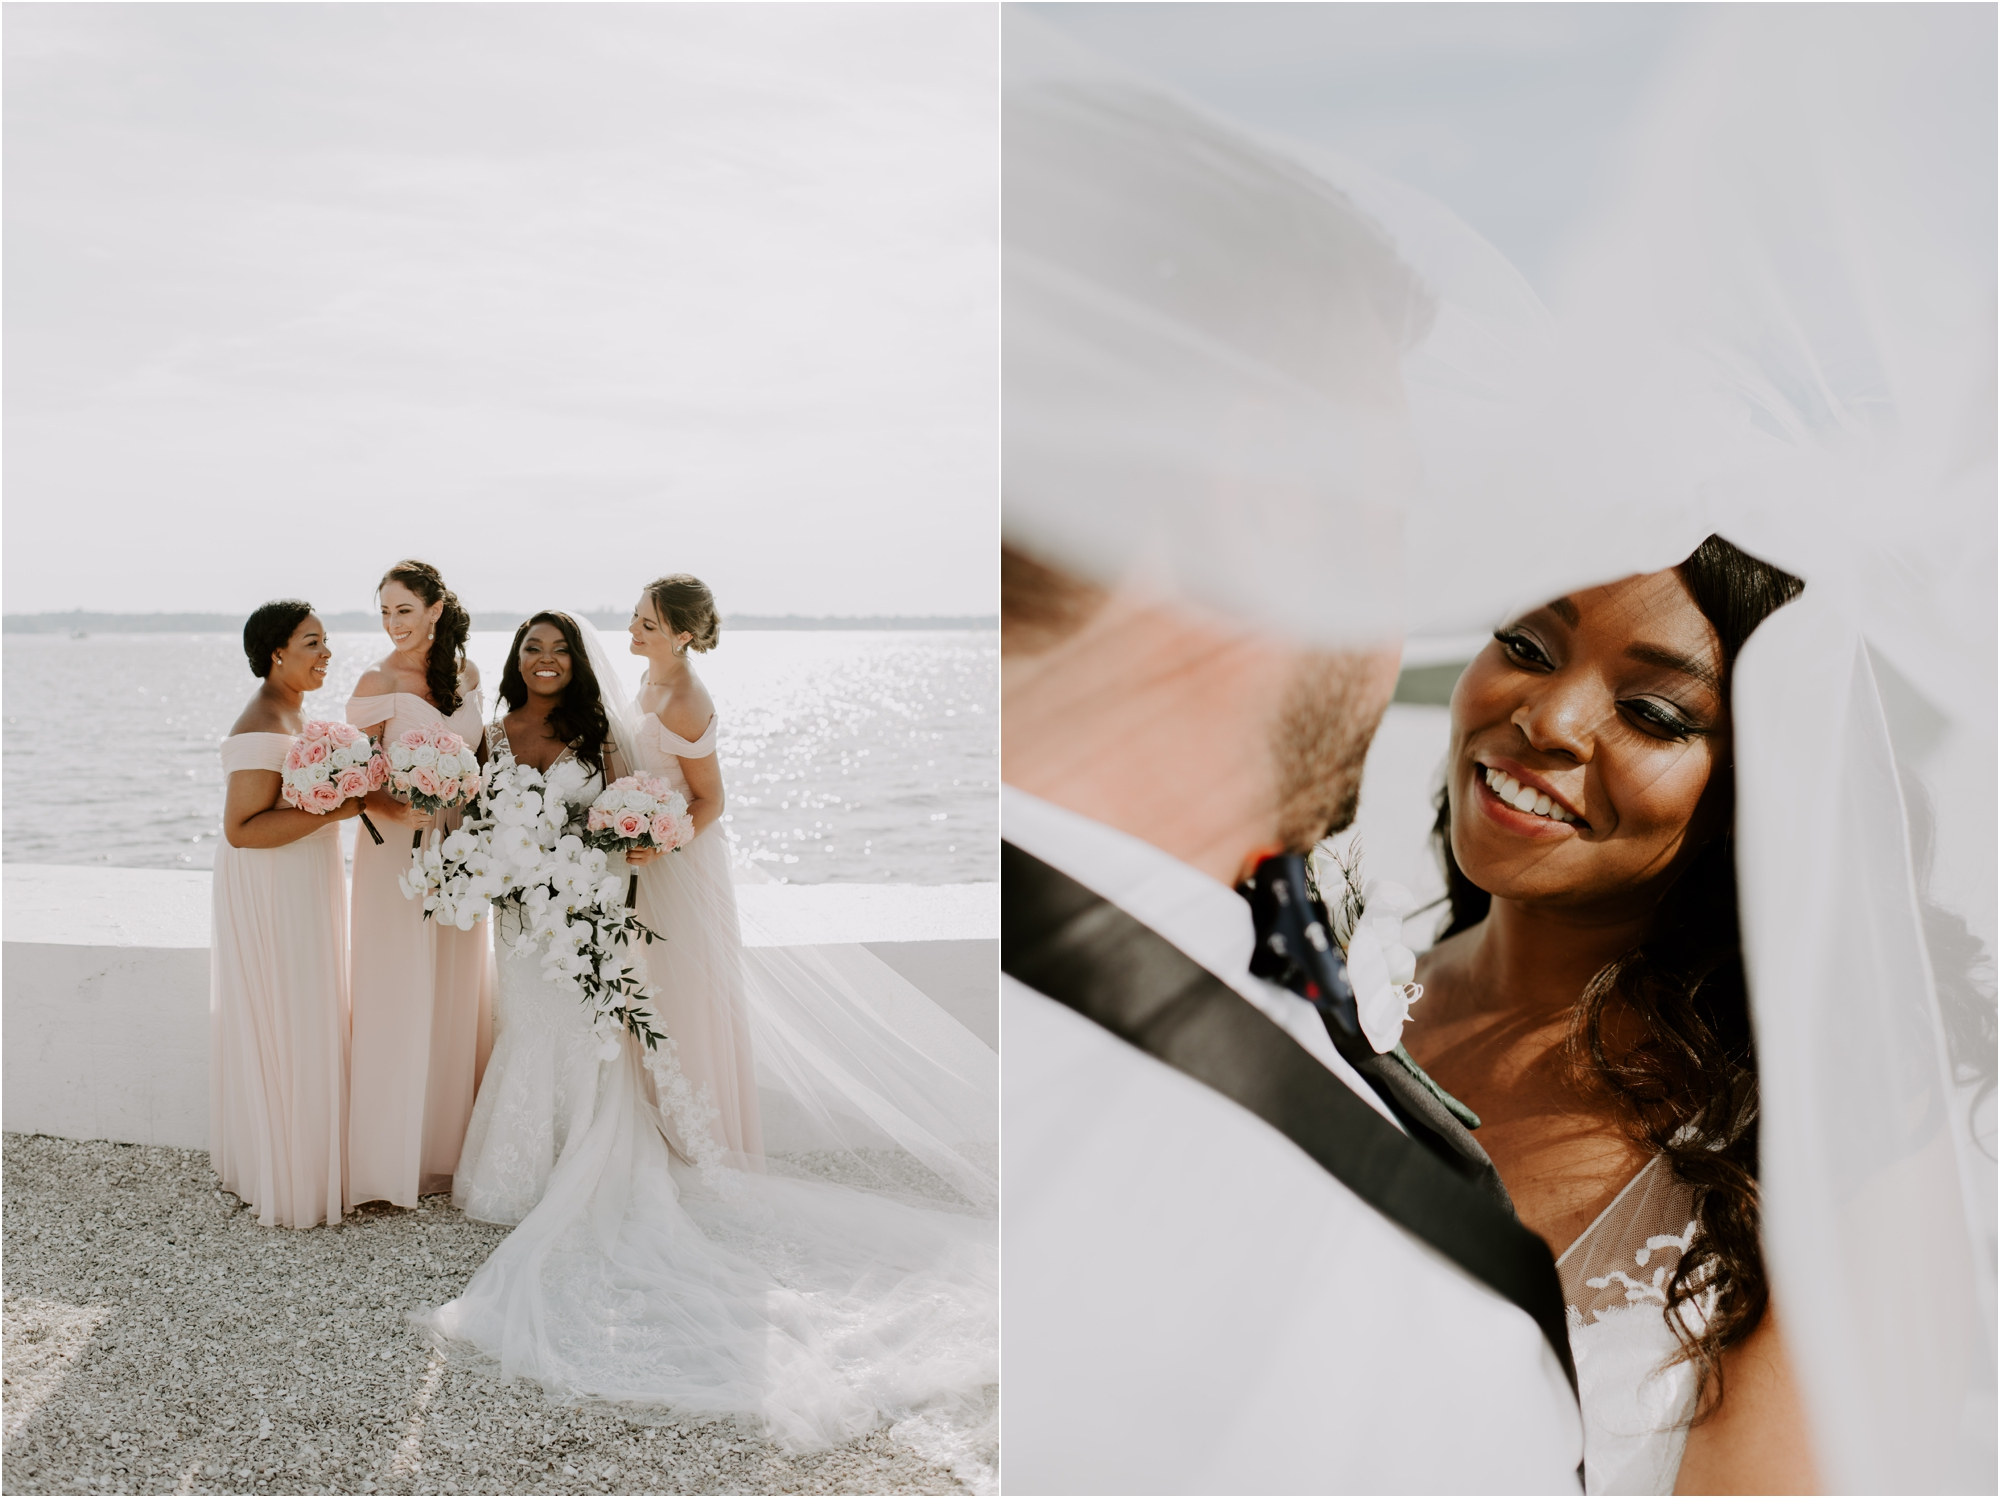 JANELLEANDJULIAN-wedding-madelinerosephotographyco_0034.jpg